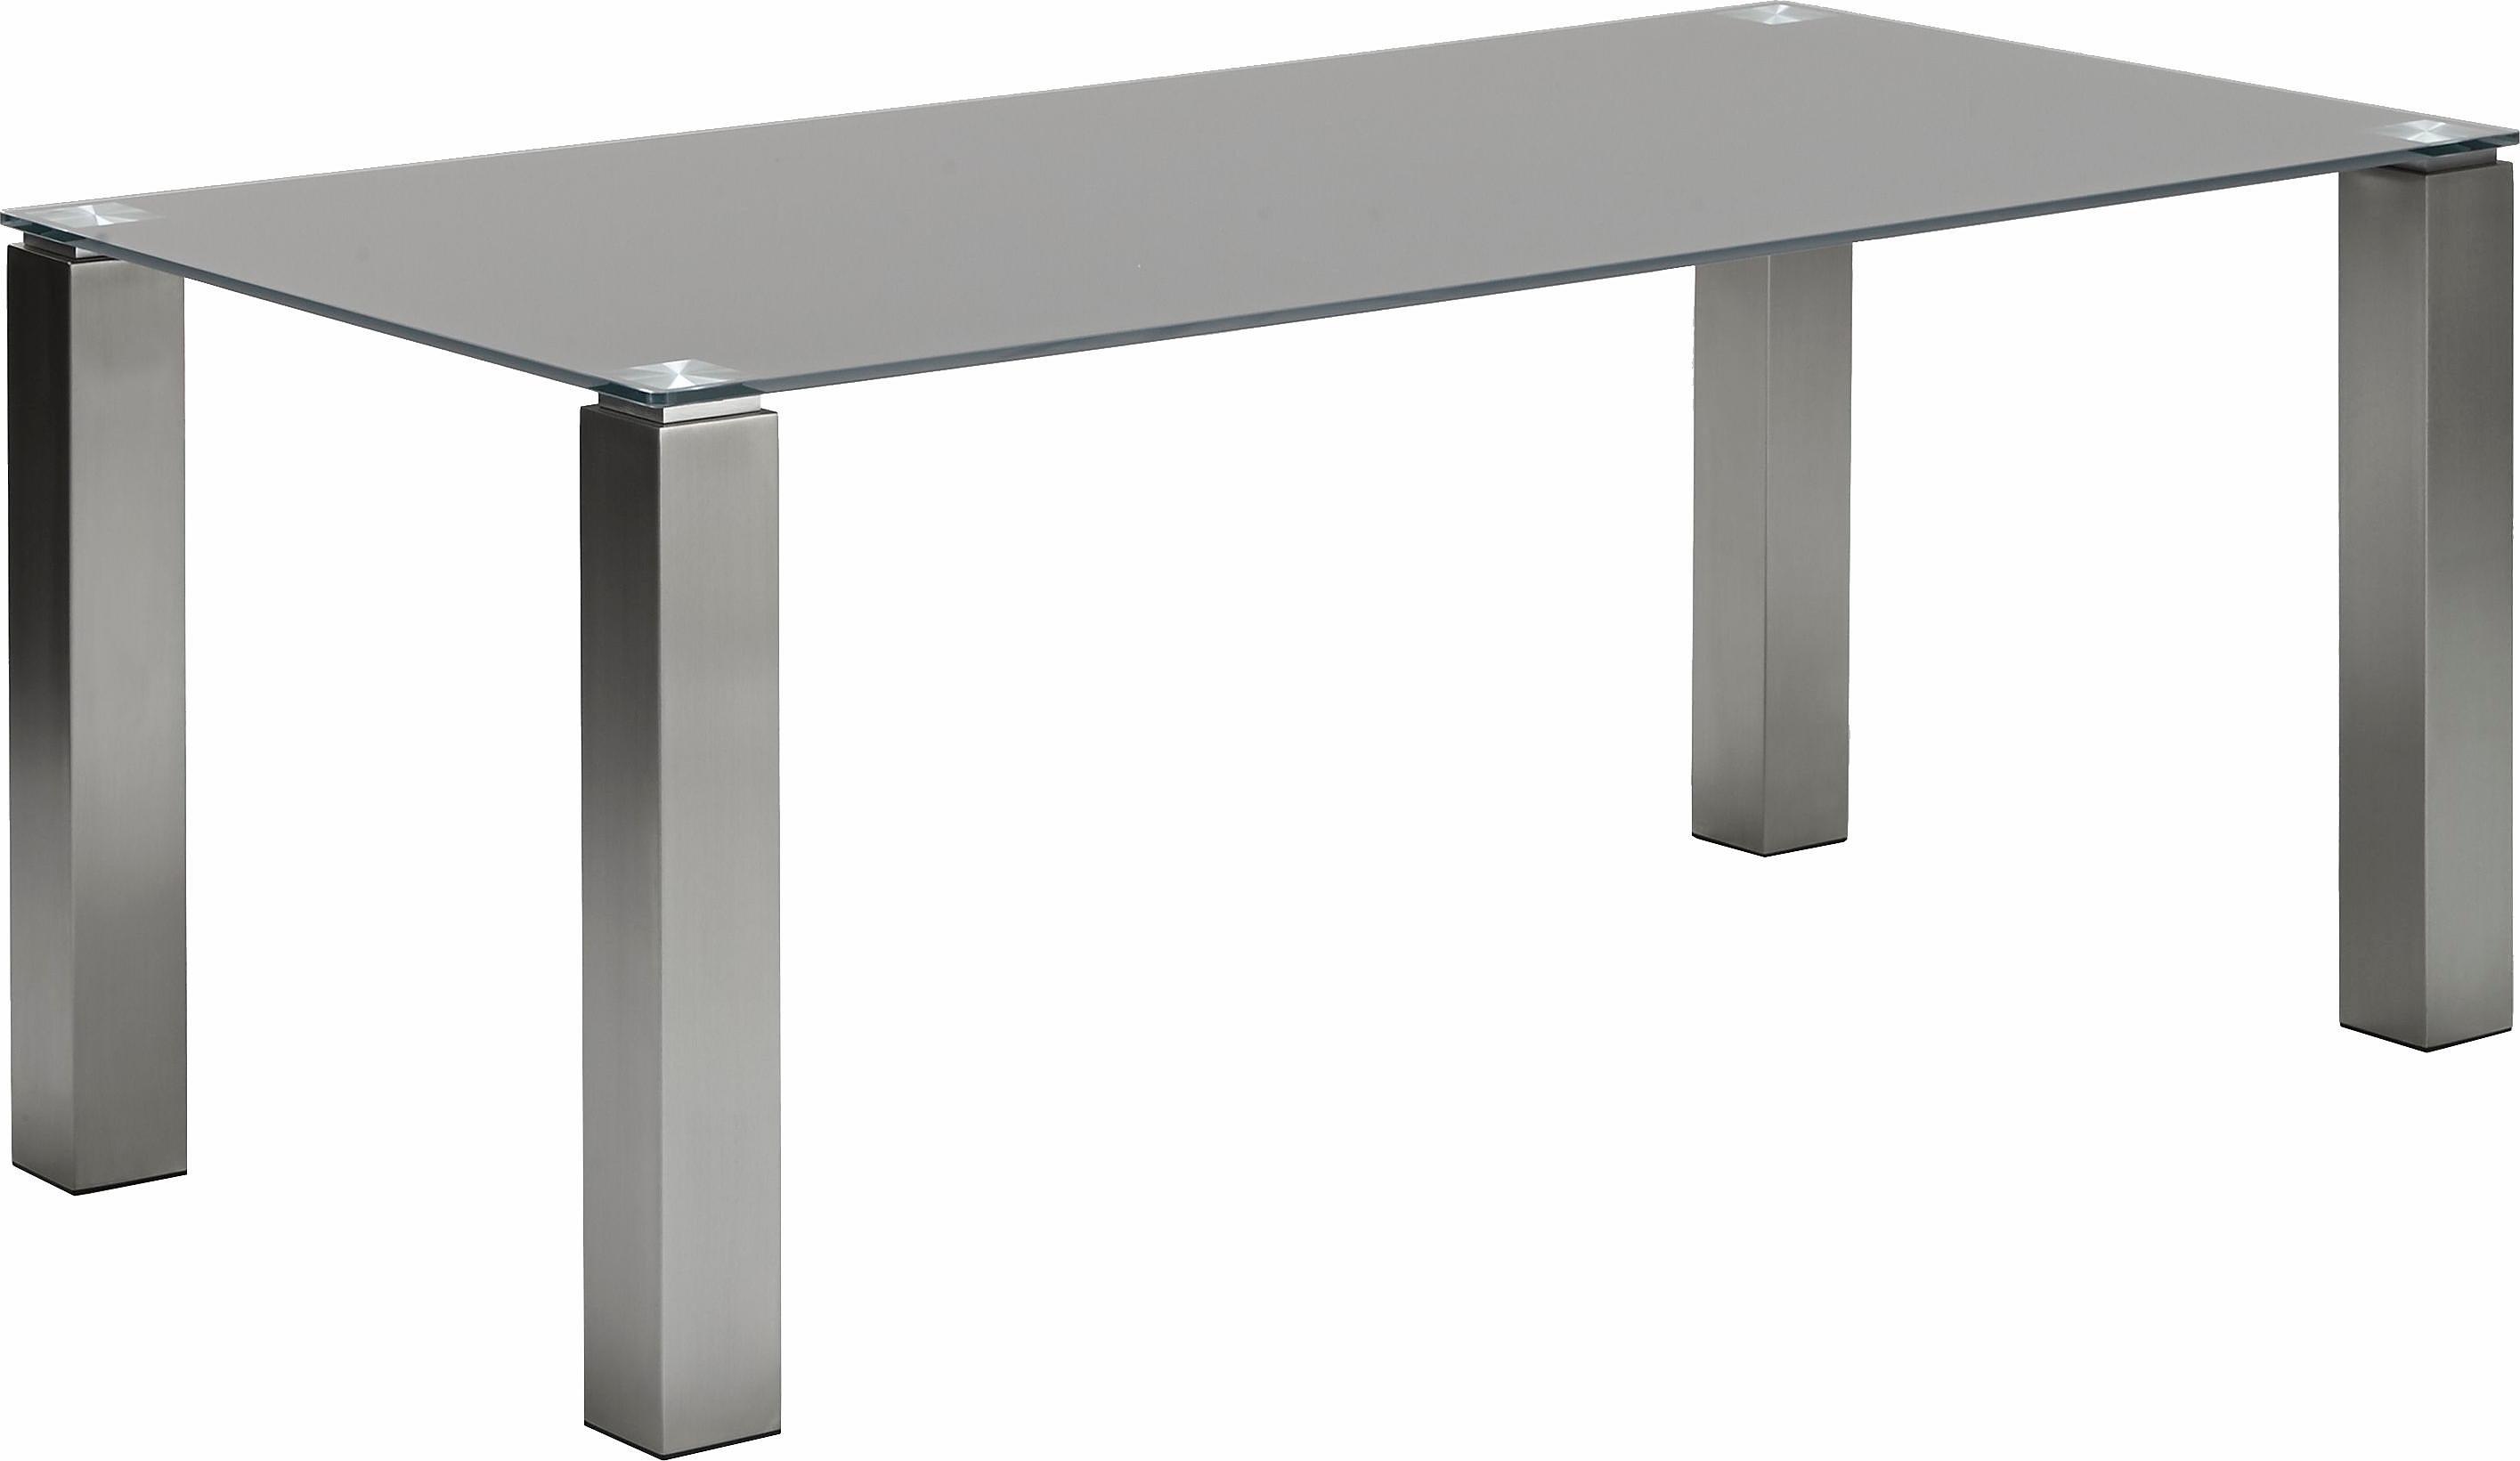 Esstisch holz glas edelstahl  edelstahl-glas Esstische online kaufen | Möbel-Suchmaschine ...